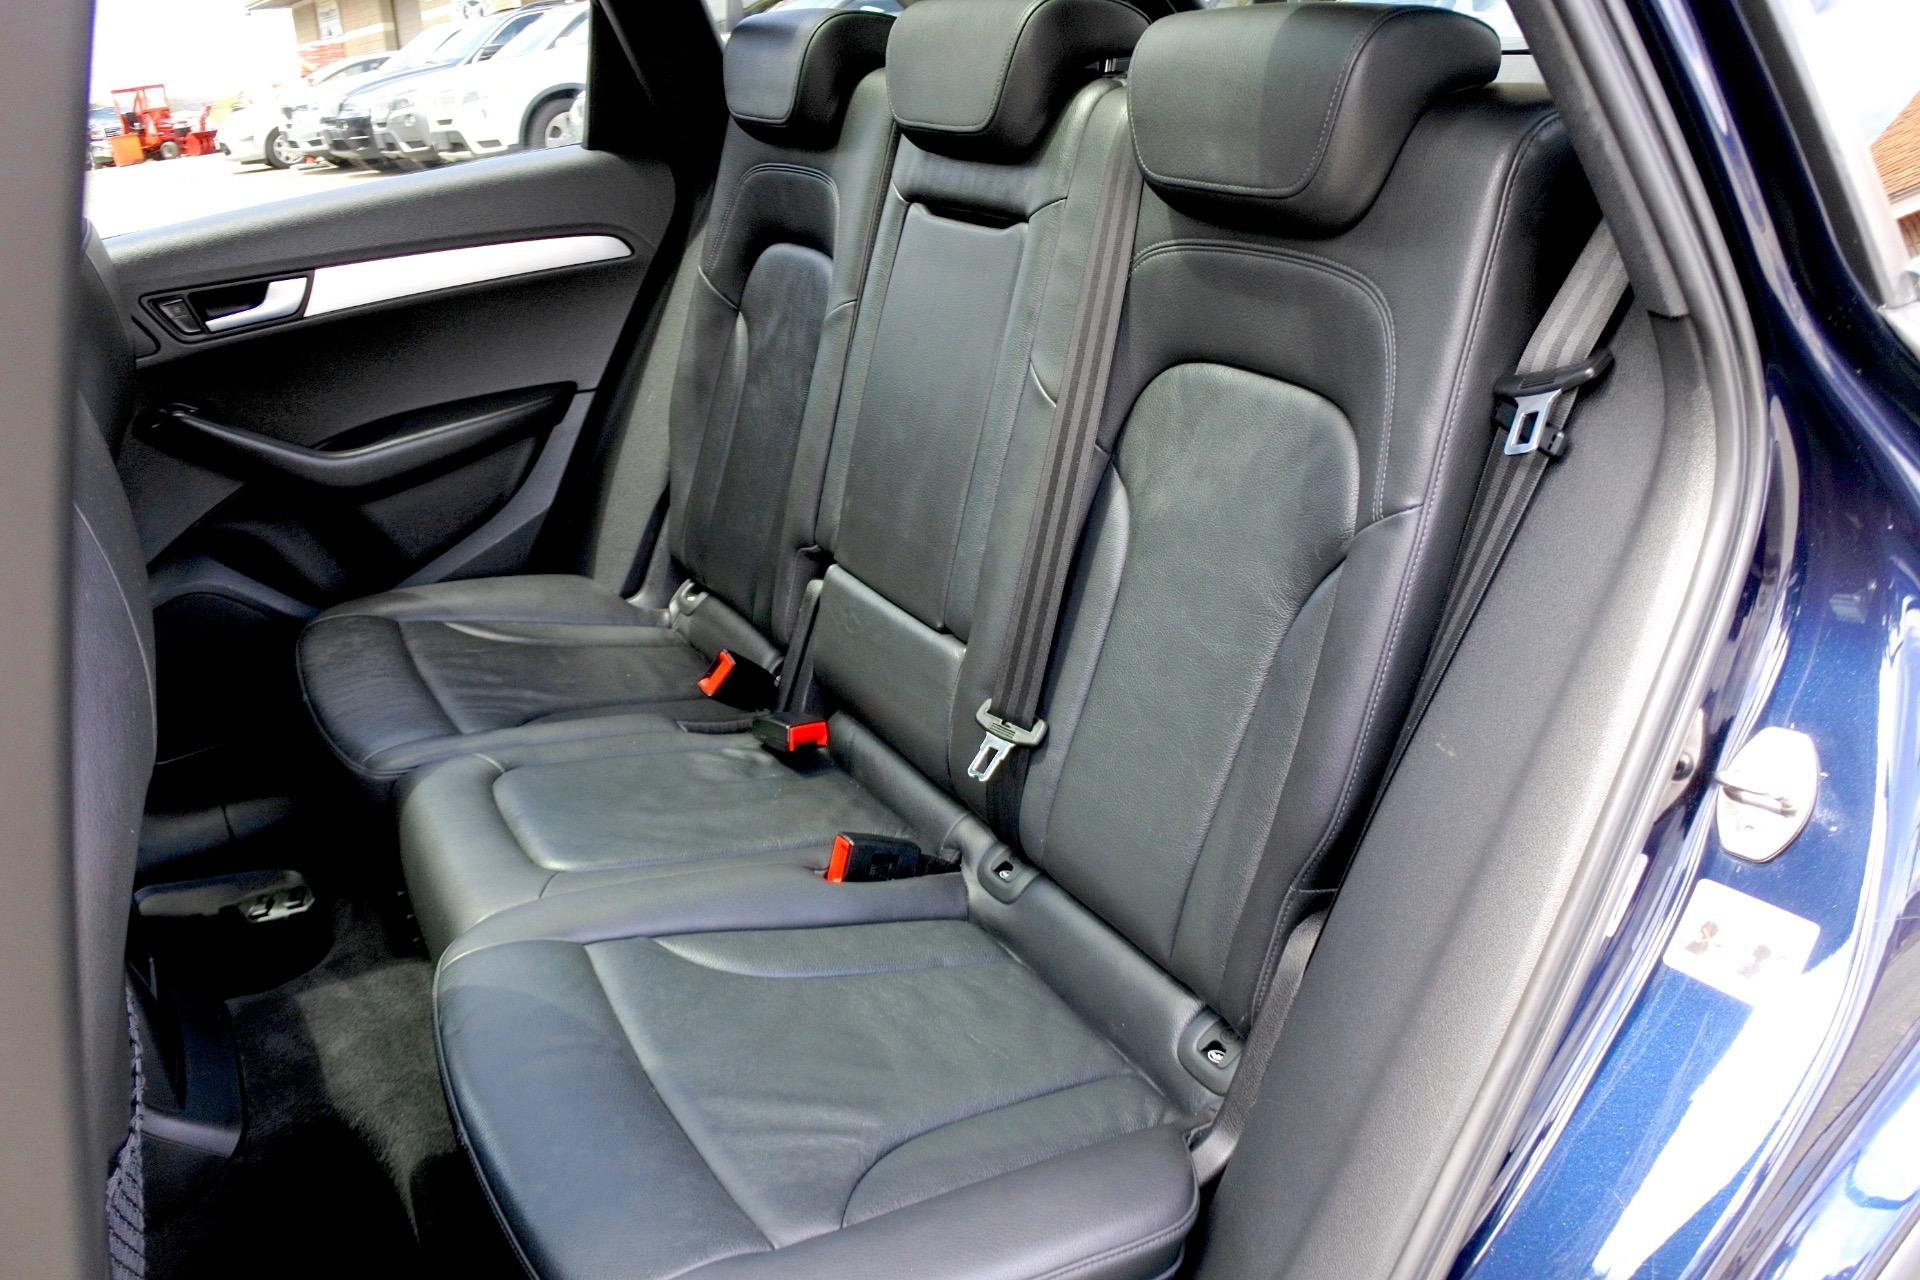 Used 2010 Audi Q5 Premium Plus S-Line Quattro Used 2010 Audi Q5 Premium Plus S-Line Quattro for sale  at Metro West Motorcars LLC in Shrewsbury MA 16